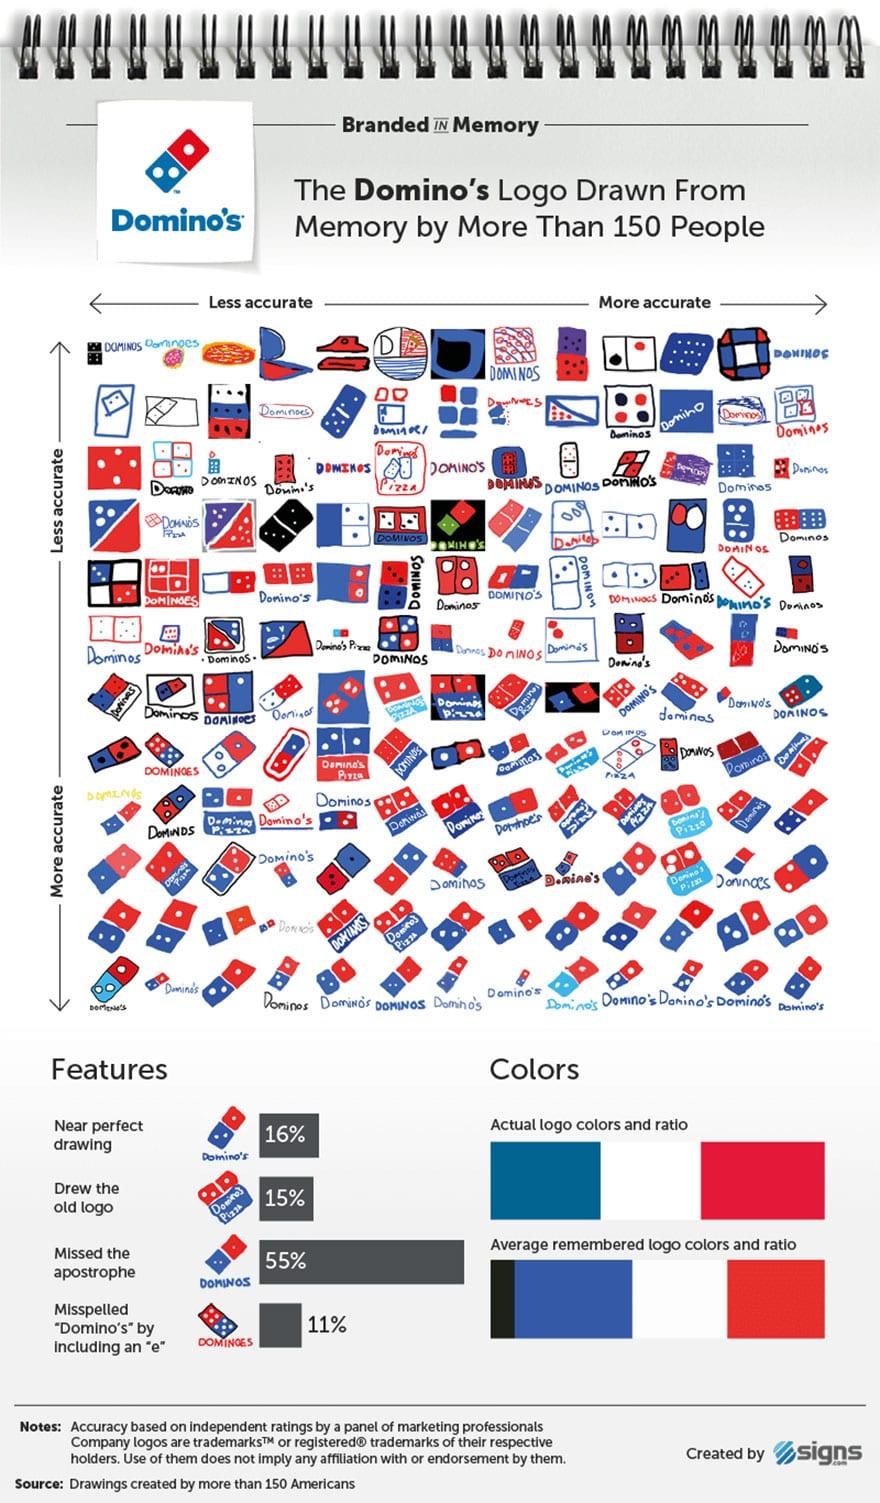 famous brand logos drawn from memory 16 59d2465abdb9e  880 - Více než 150 lidí se pokusilo nakreslit 10 velmi slavných log zpaměti. Výsledky pobaví